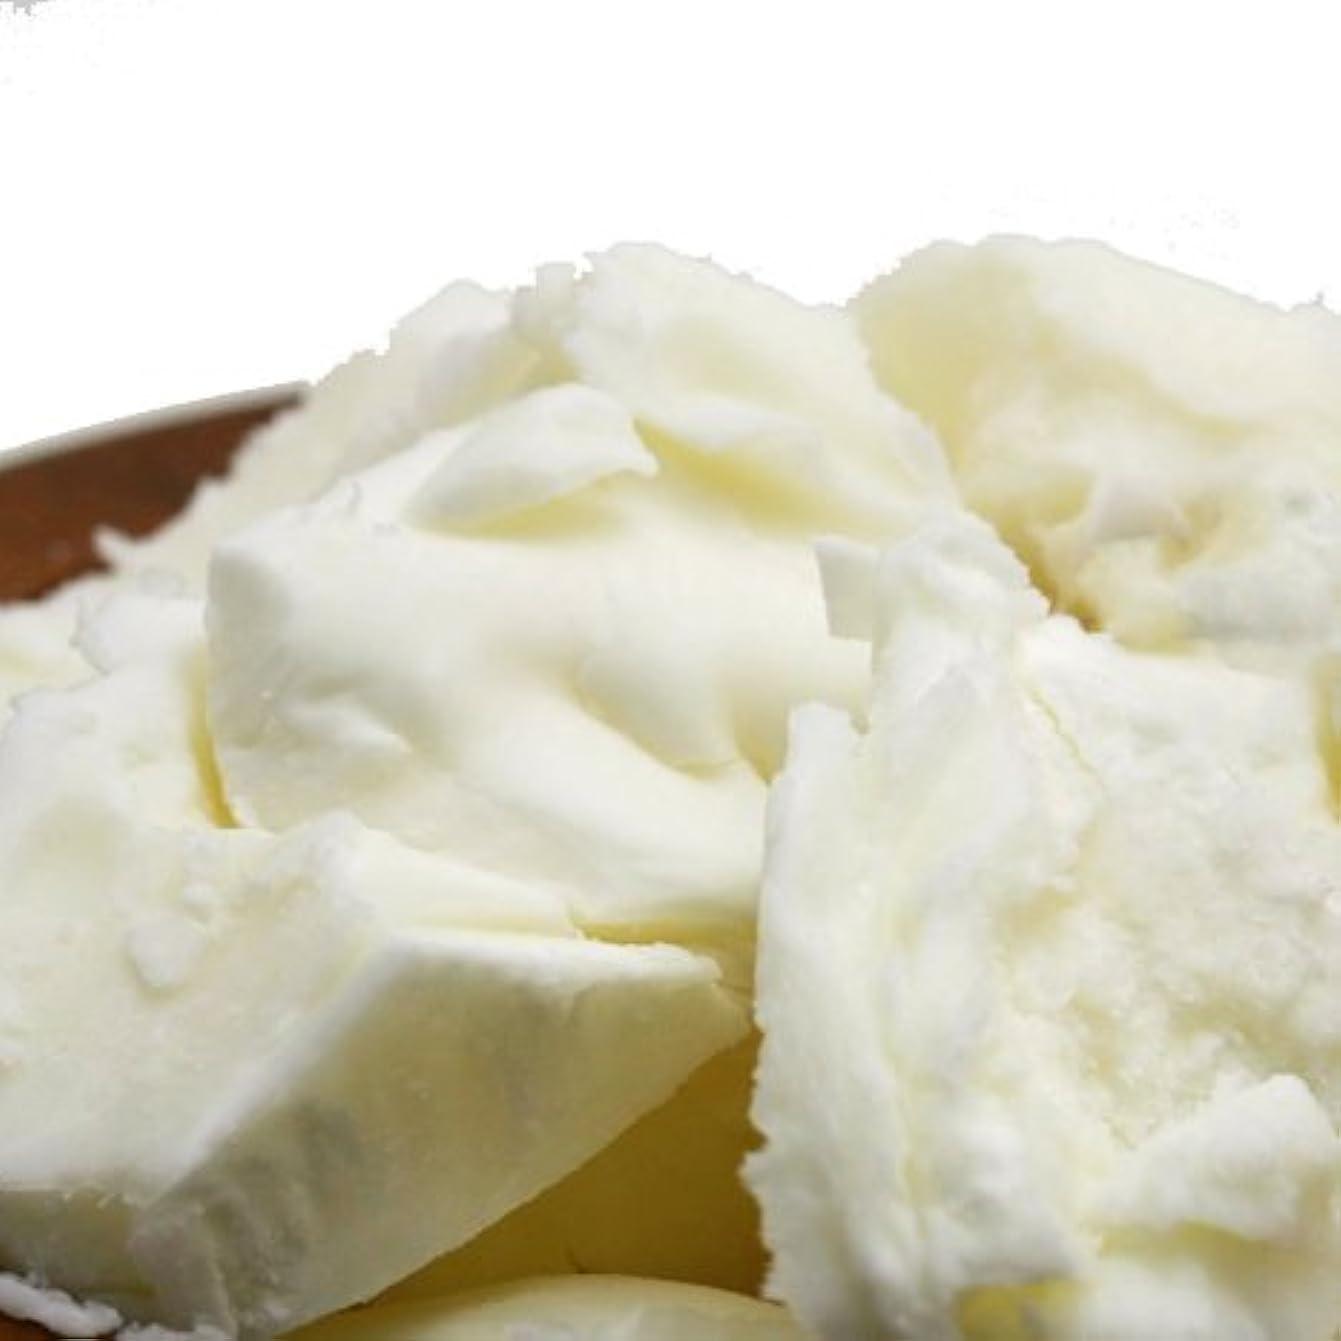 単なる欠如さようなら精製シアバター 100g シア脂 【手作り石鹸/手作りコスメ/手作り化粧品】